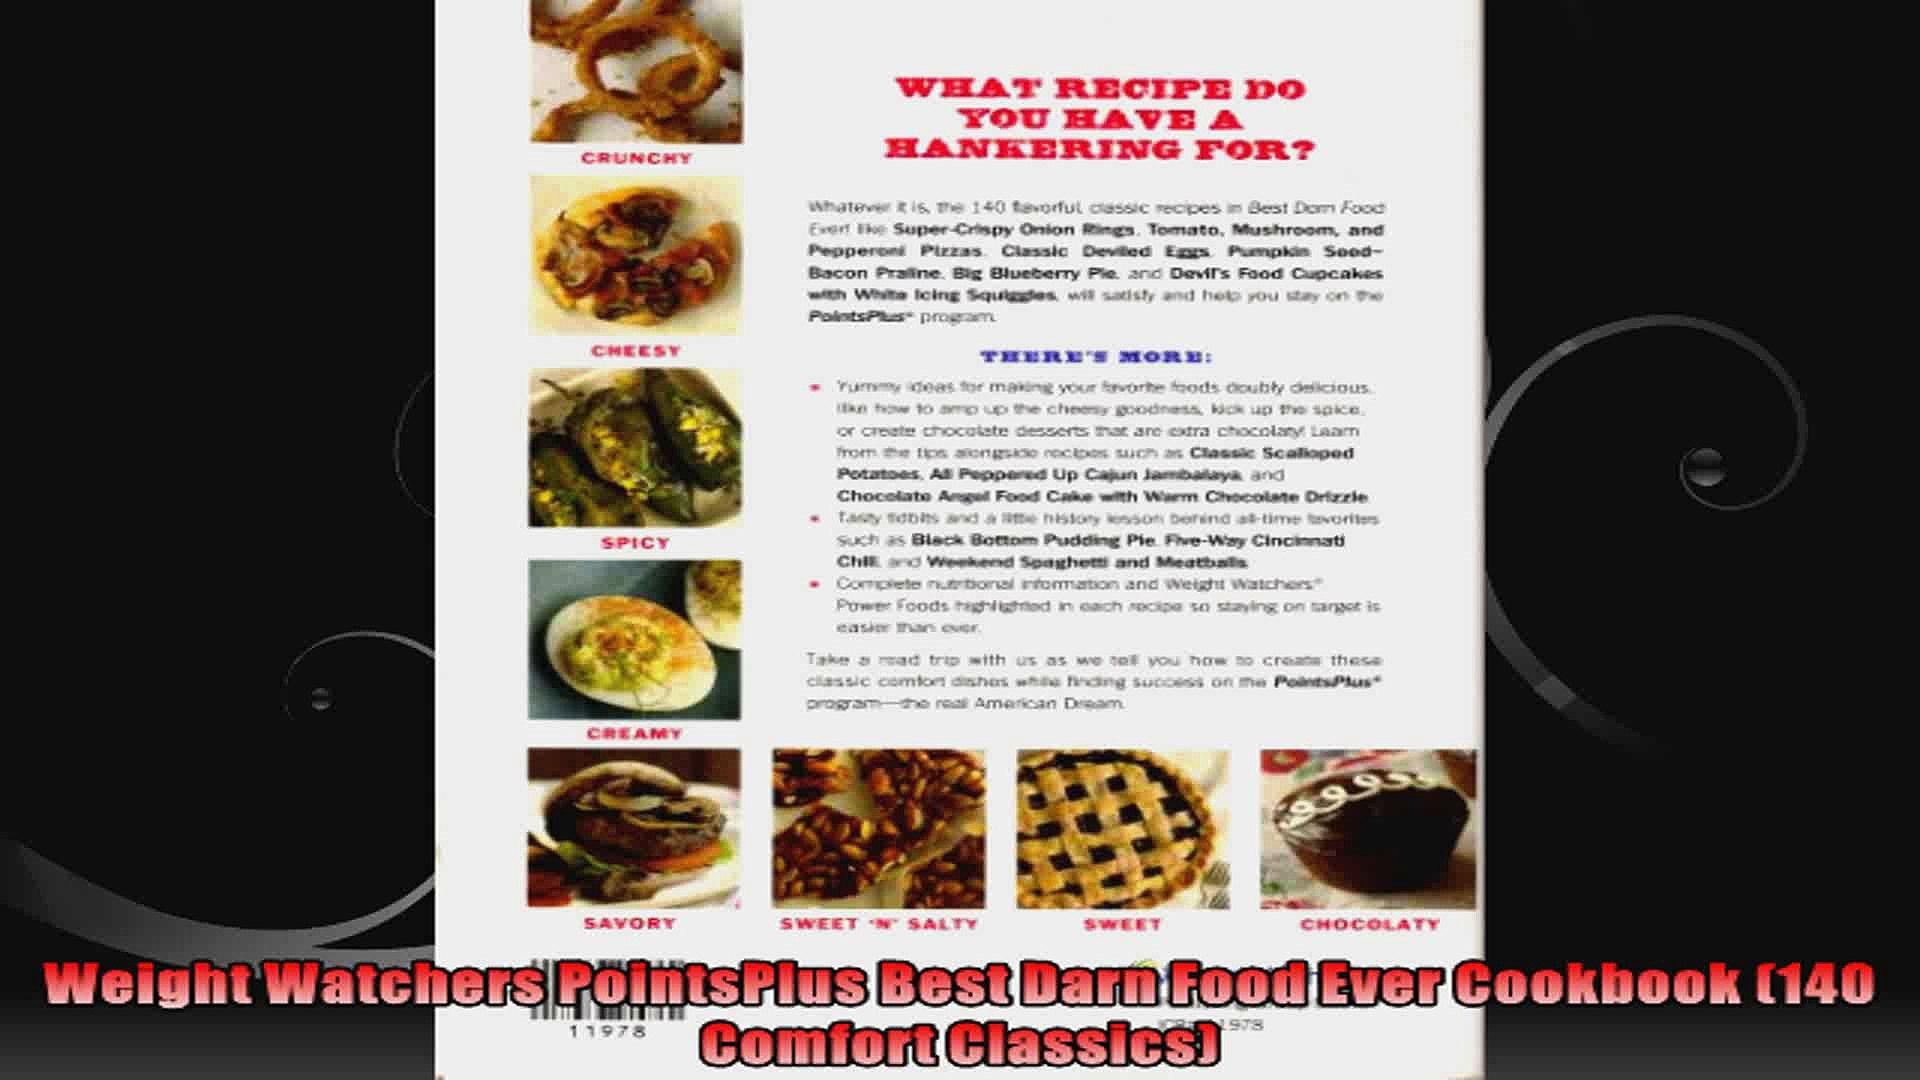 Weight Watchers PointsPlus Best Darn Food Ever Cookbook 140 Comfort Classics